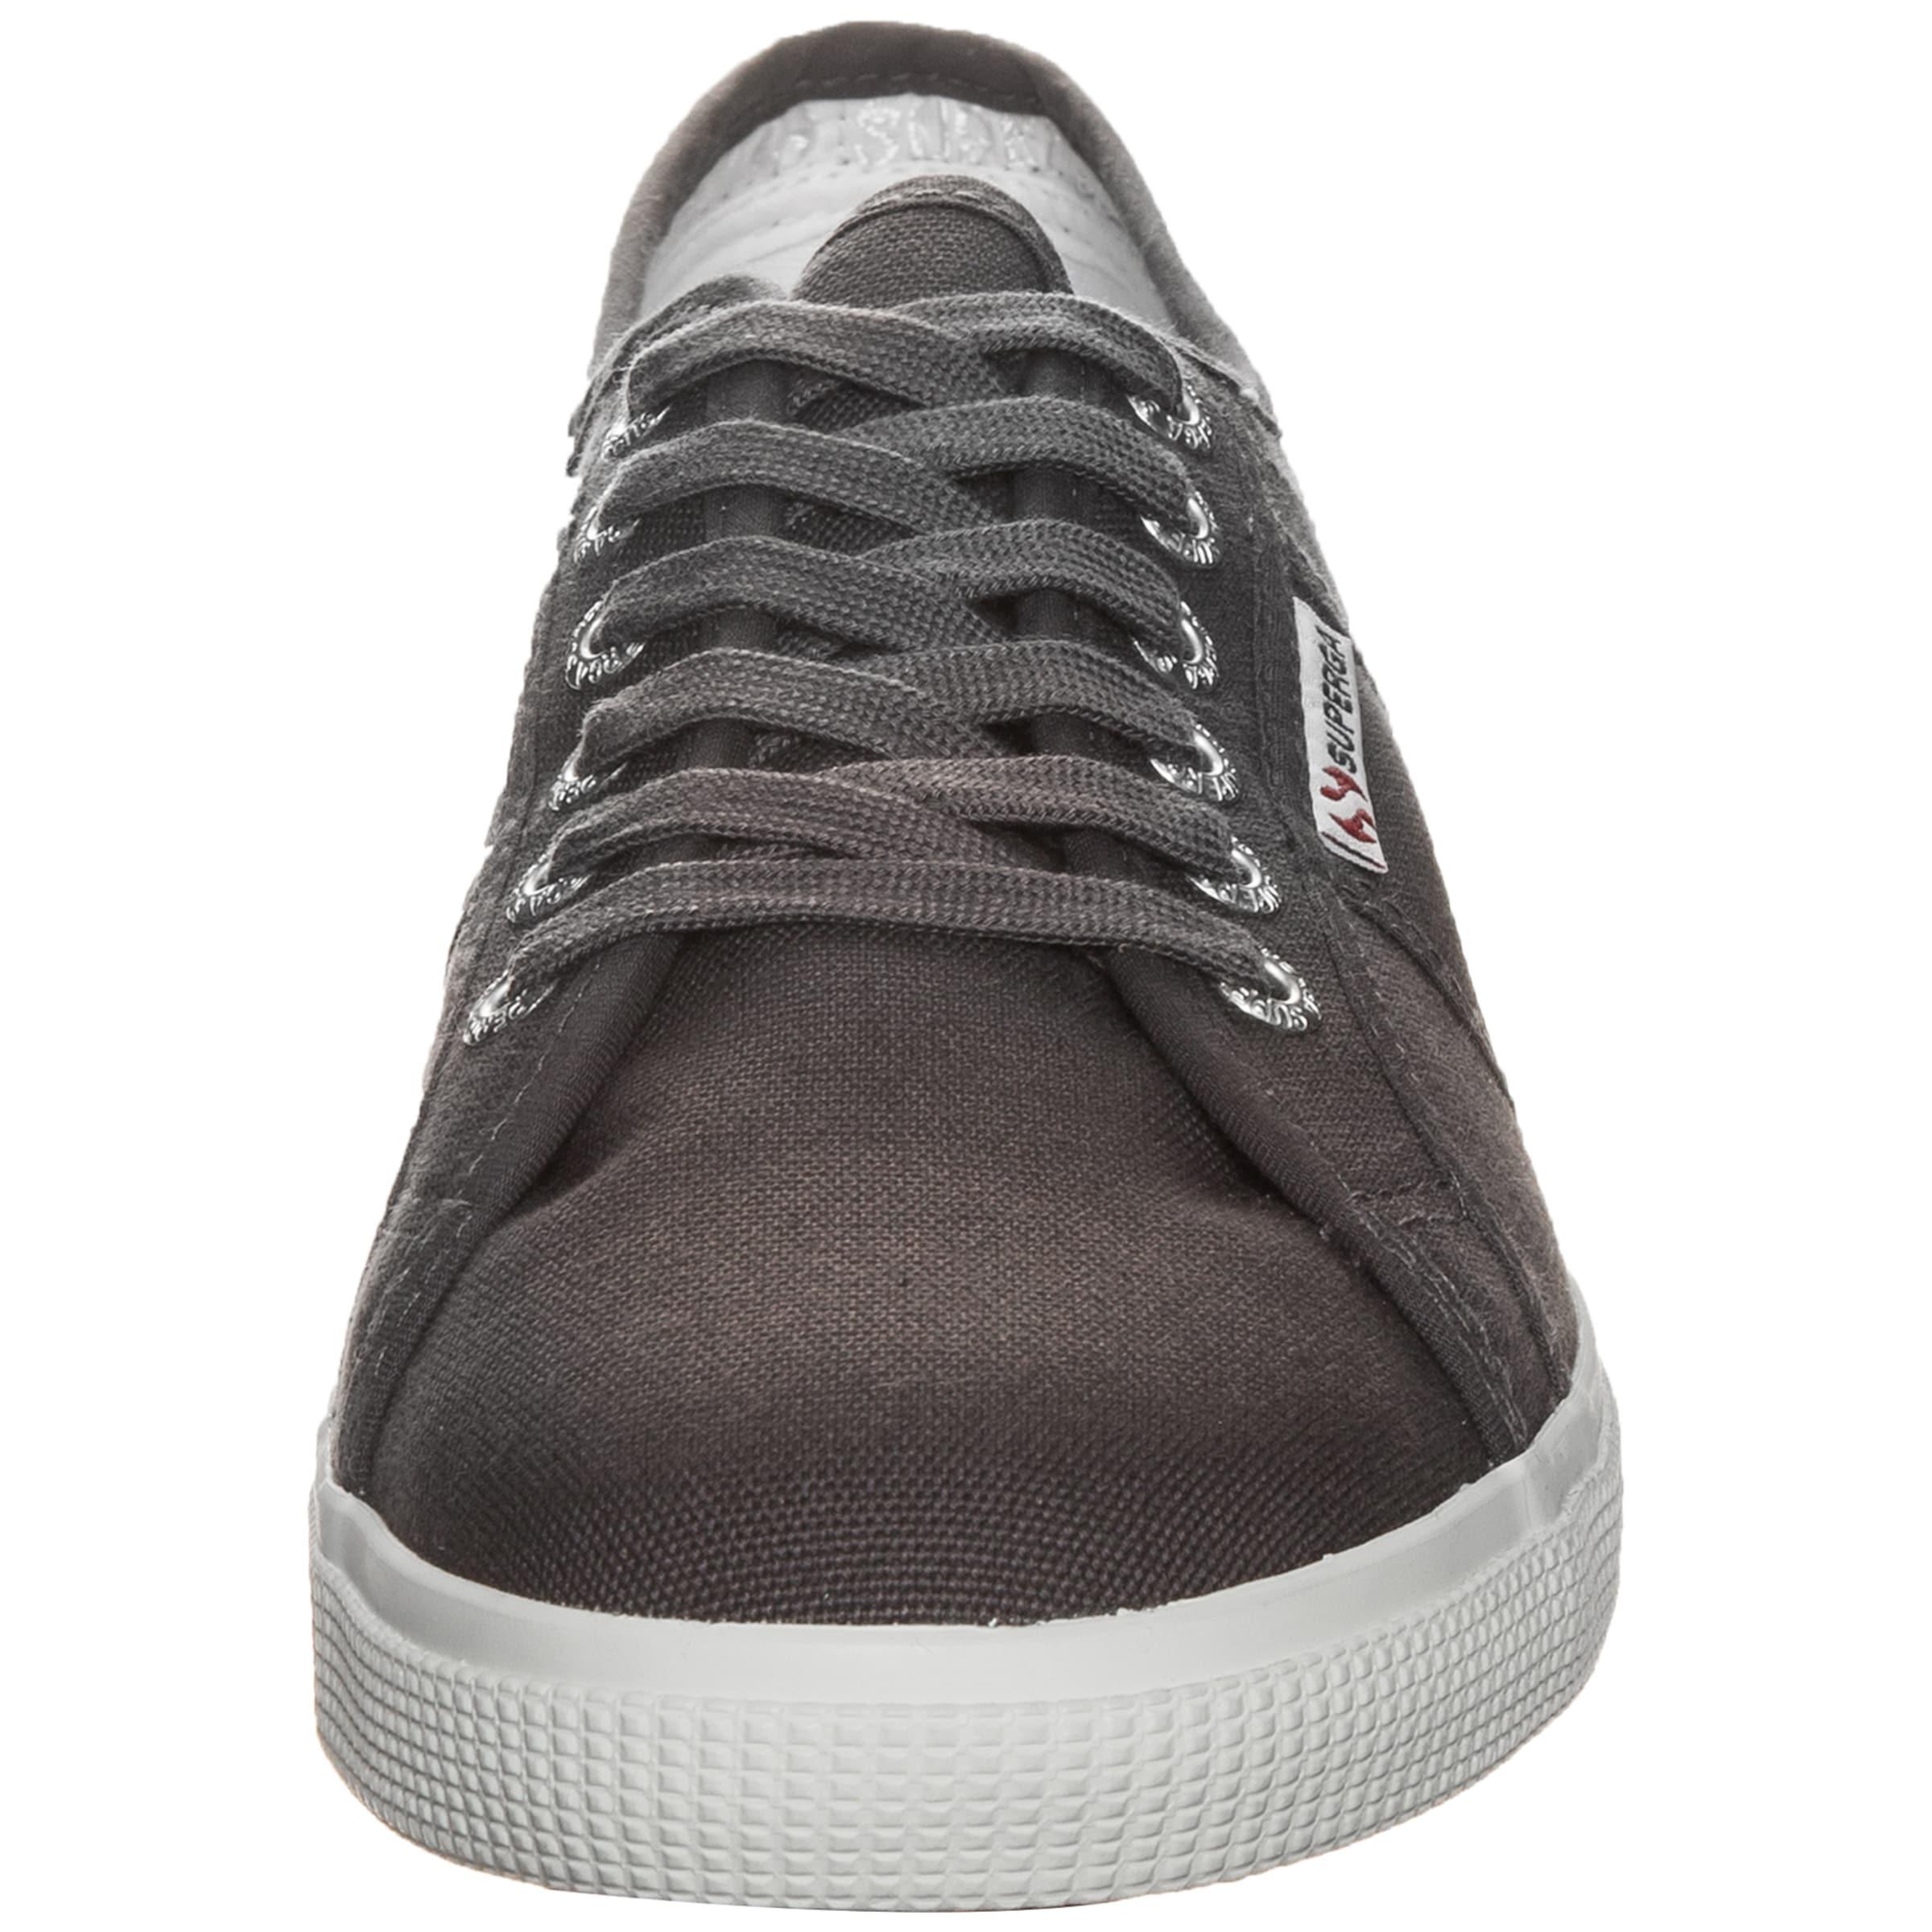 Countdown Paketverkauf Online Zahlen Mit Paypal Günstigem Preis SUPERGA '2950 Cotu Classic' Sneaker Auslass Zum Verkauf Spielraum Billig Echt Verkauf Eastbay m8nLog1